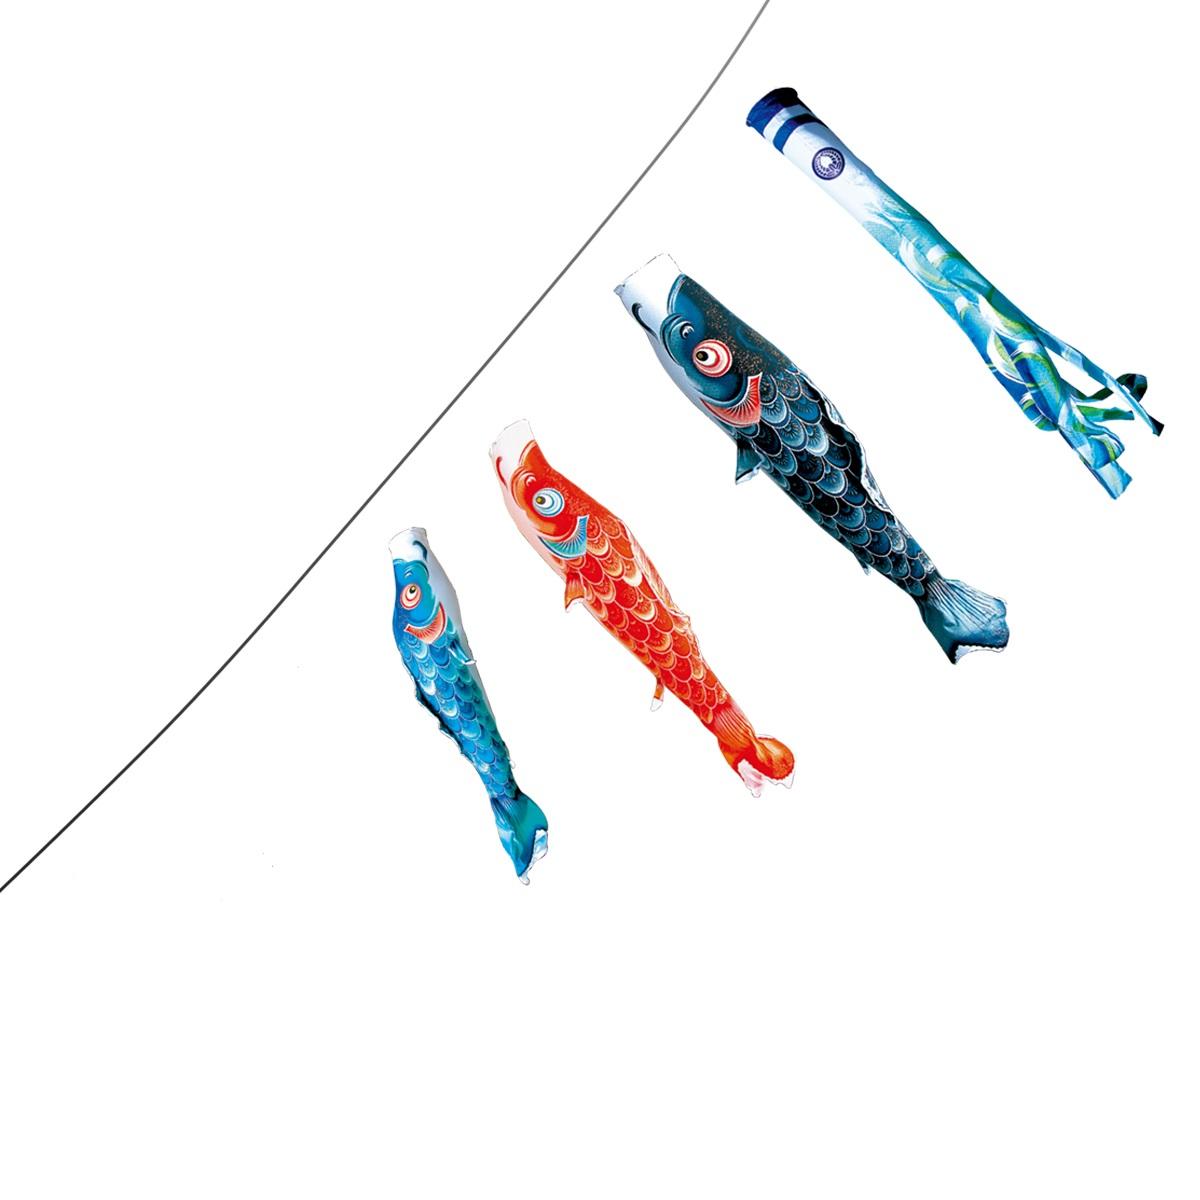 【子守唄CDプレゼント】風舞い(撥水加工)スーパーロイヤルベランダ1.2mセット(こいのぼり マンション)【鯉のぼり・こいのぼり】鯉のぼり 鯉幟